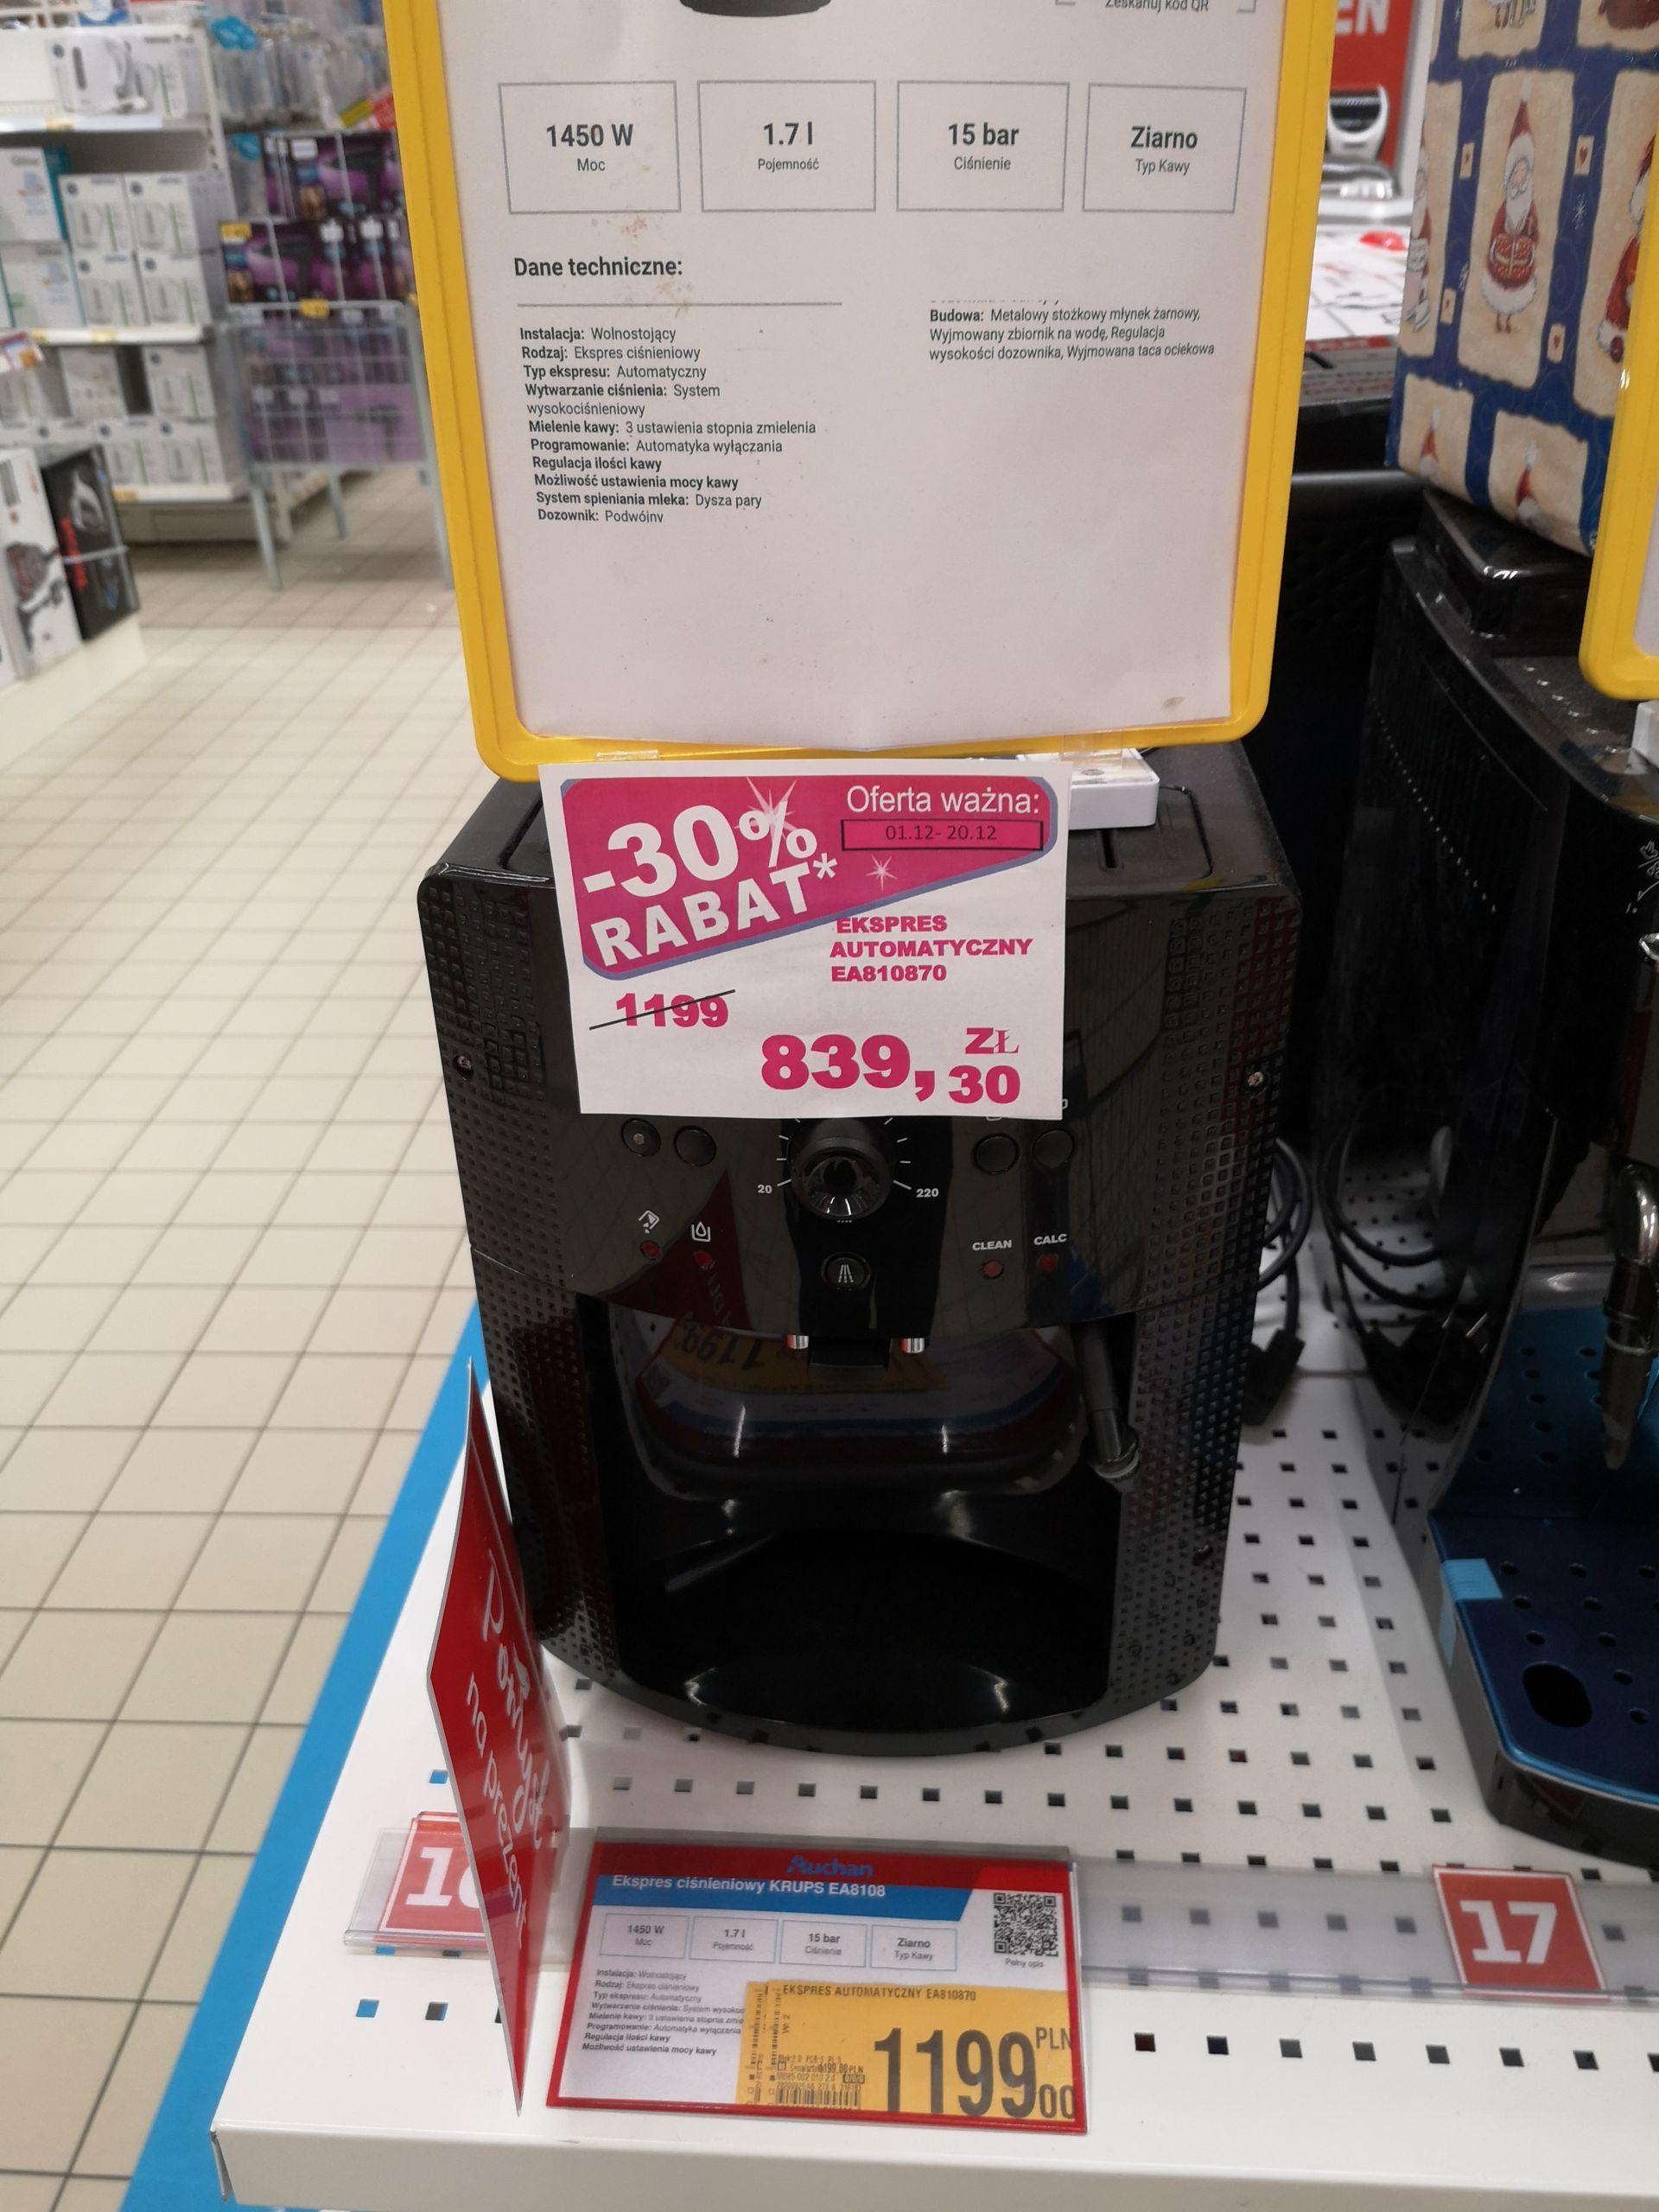 Ekspres automatyczny Krups 8108 - Auchan Jubilerska